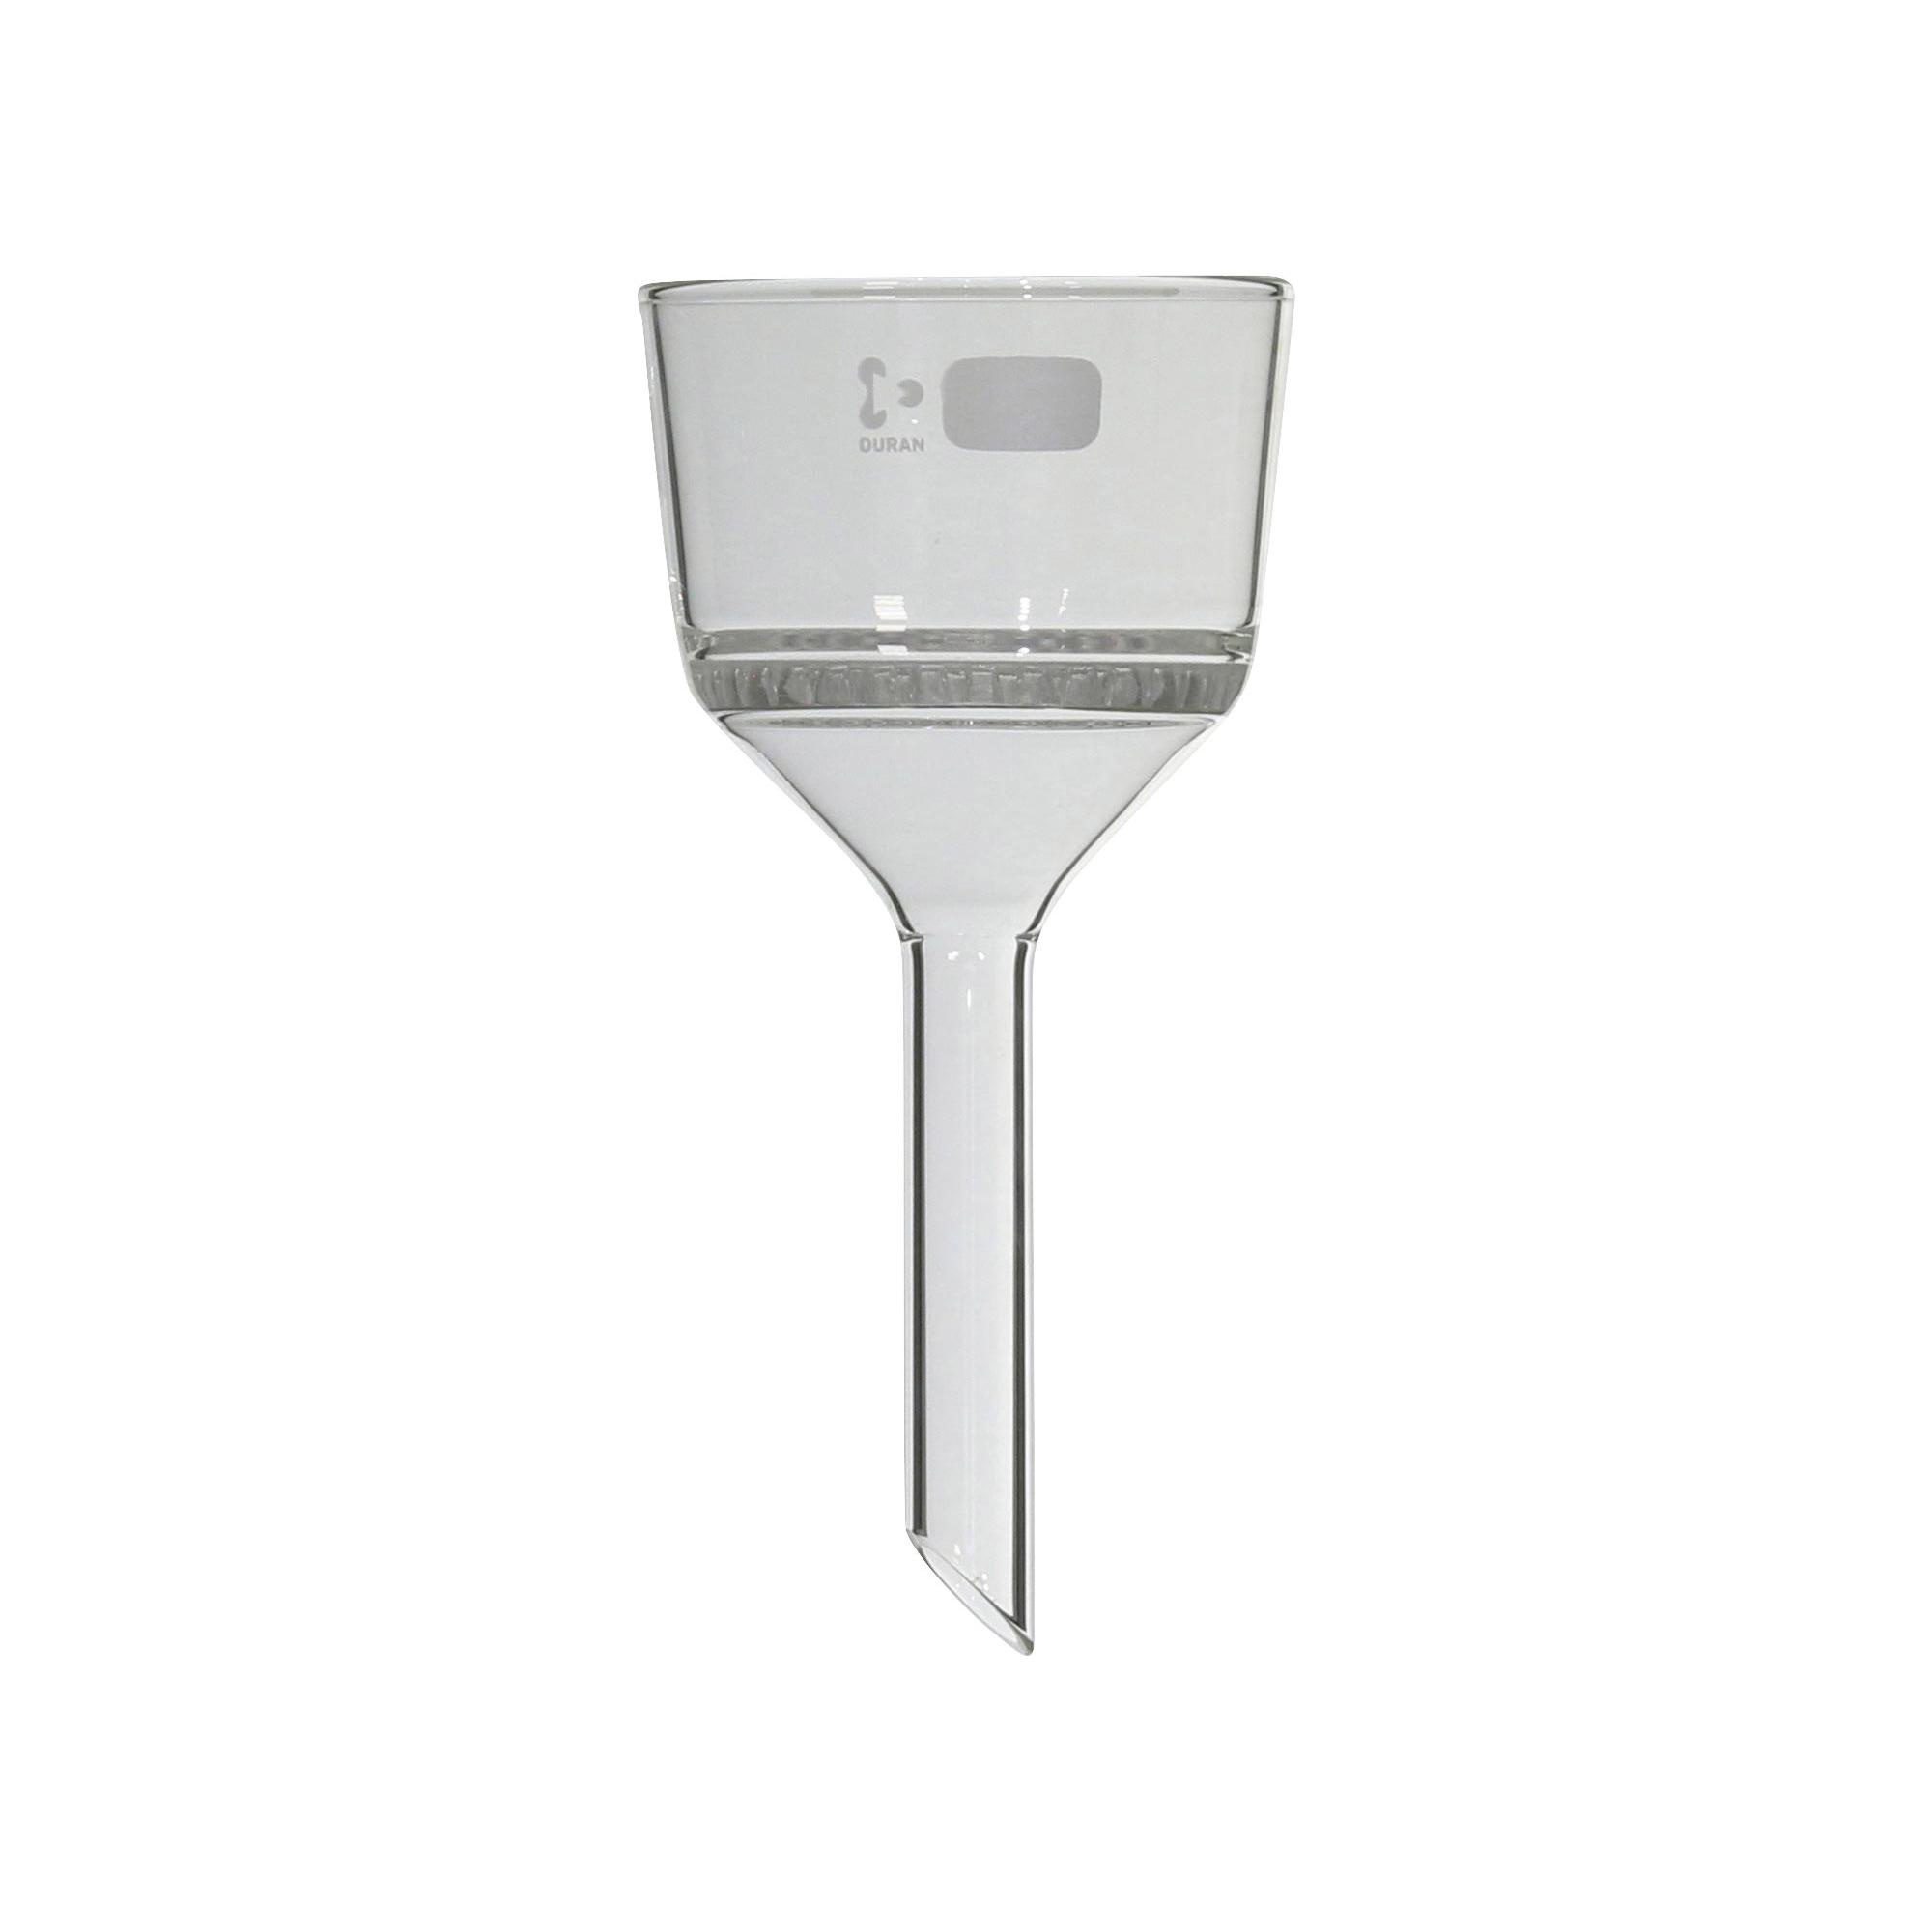 ブフナーロート ガラス目皿板封じ込み形